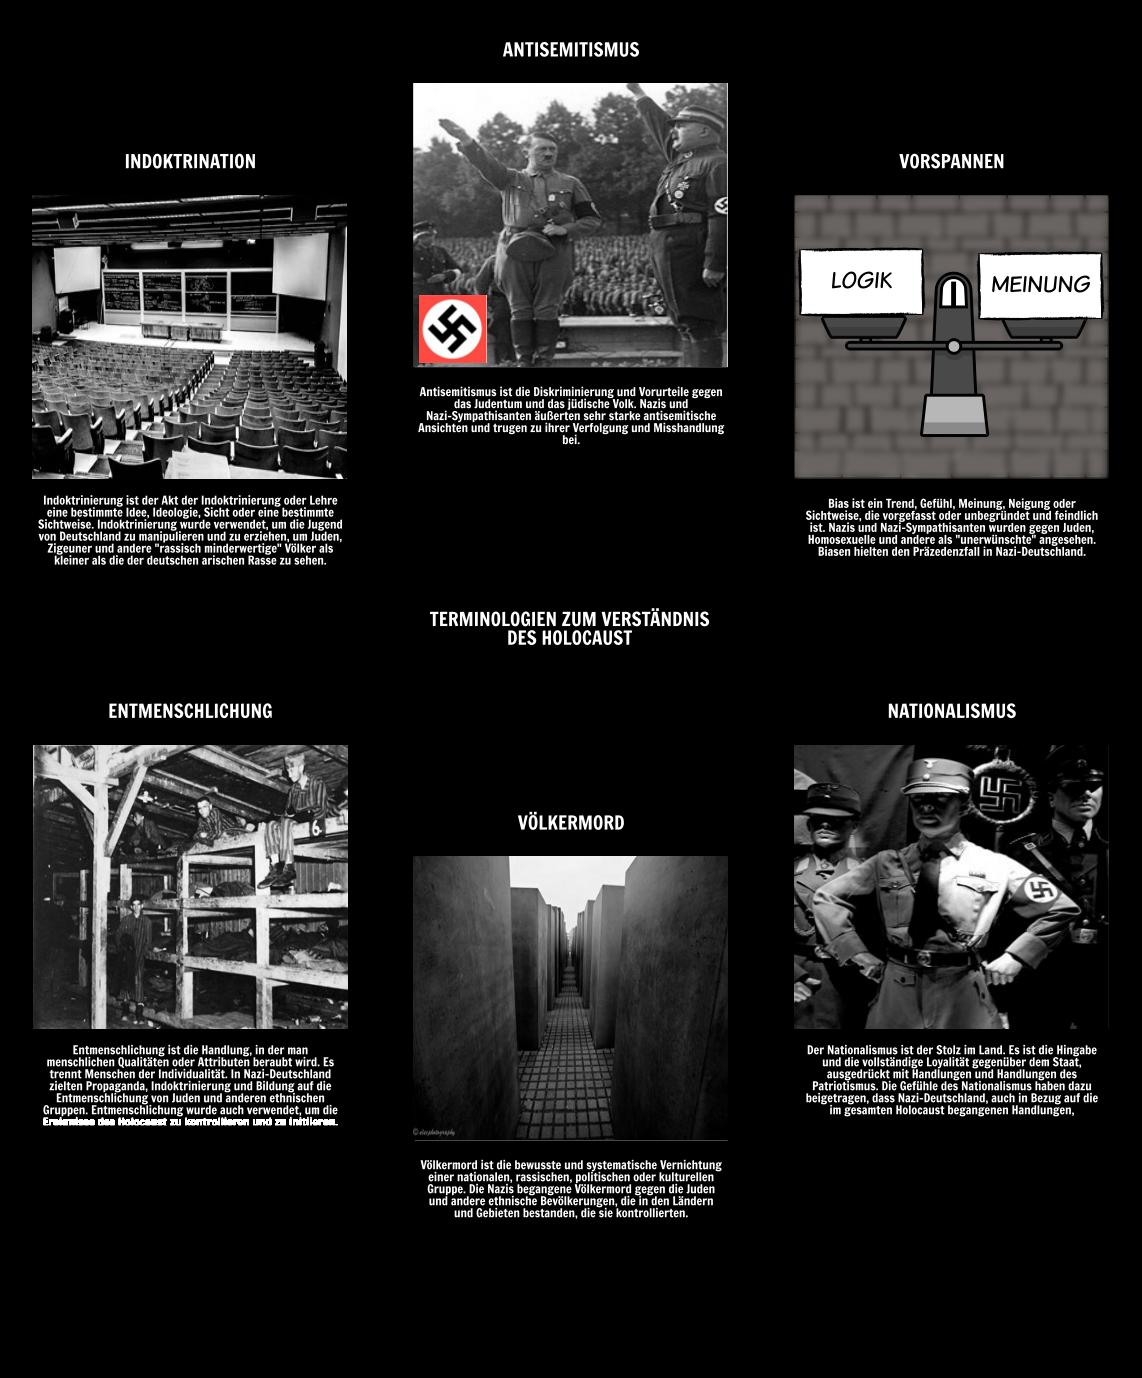 Die Geschichte des Holocaust - Terminologien im Verständnis des Holocaust